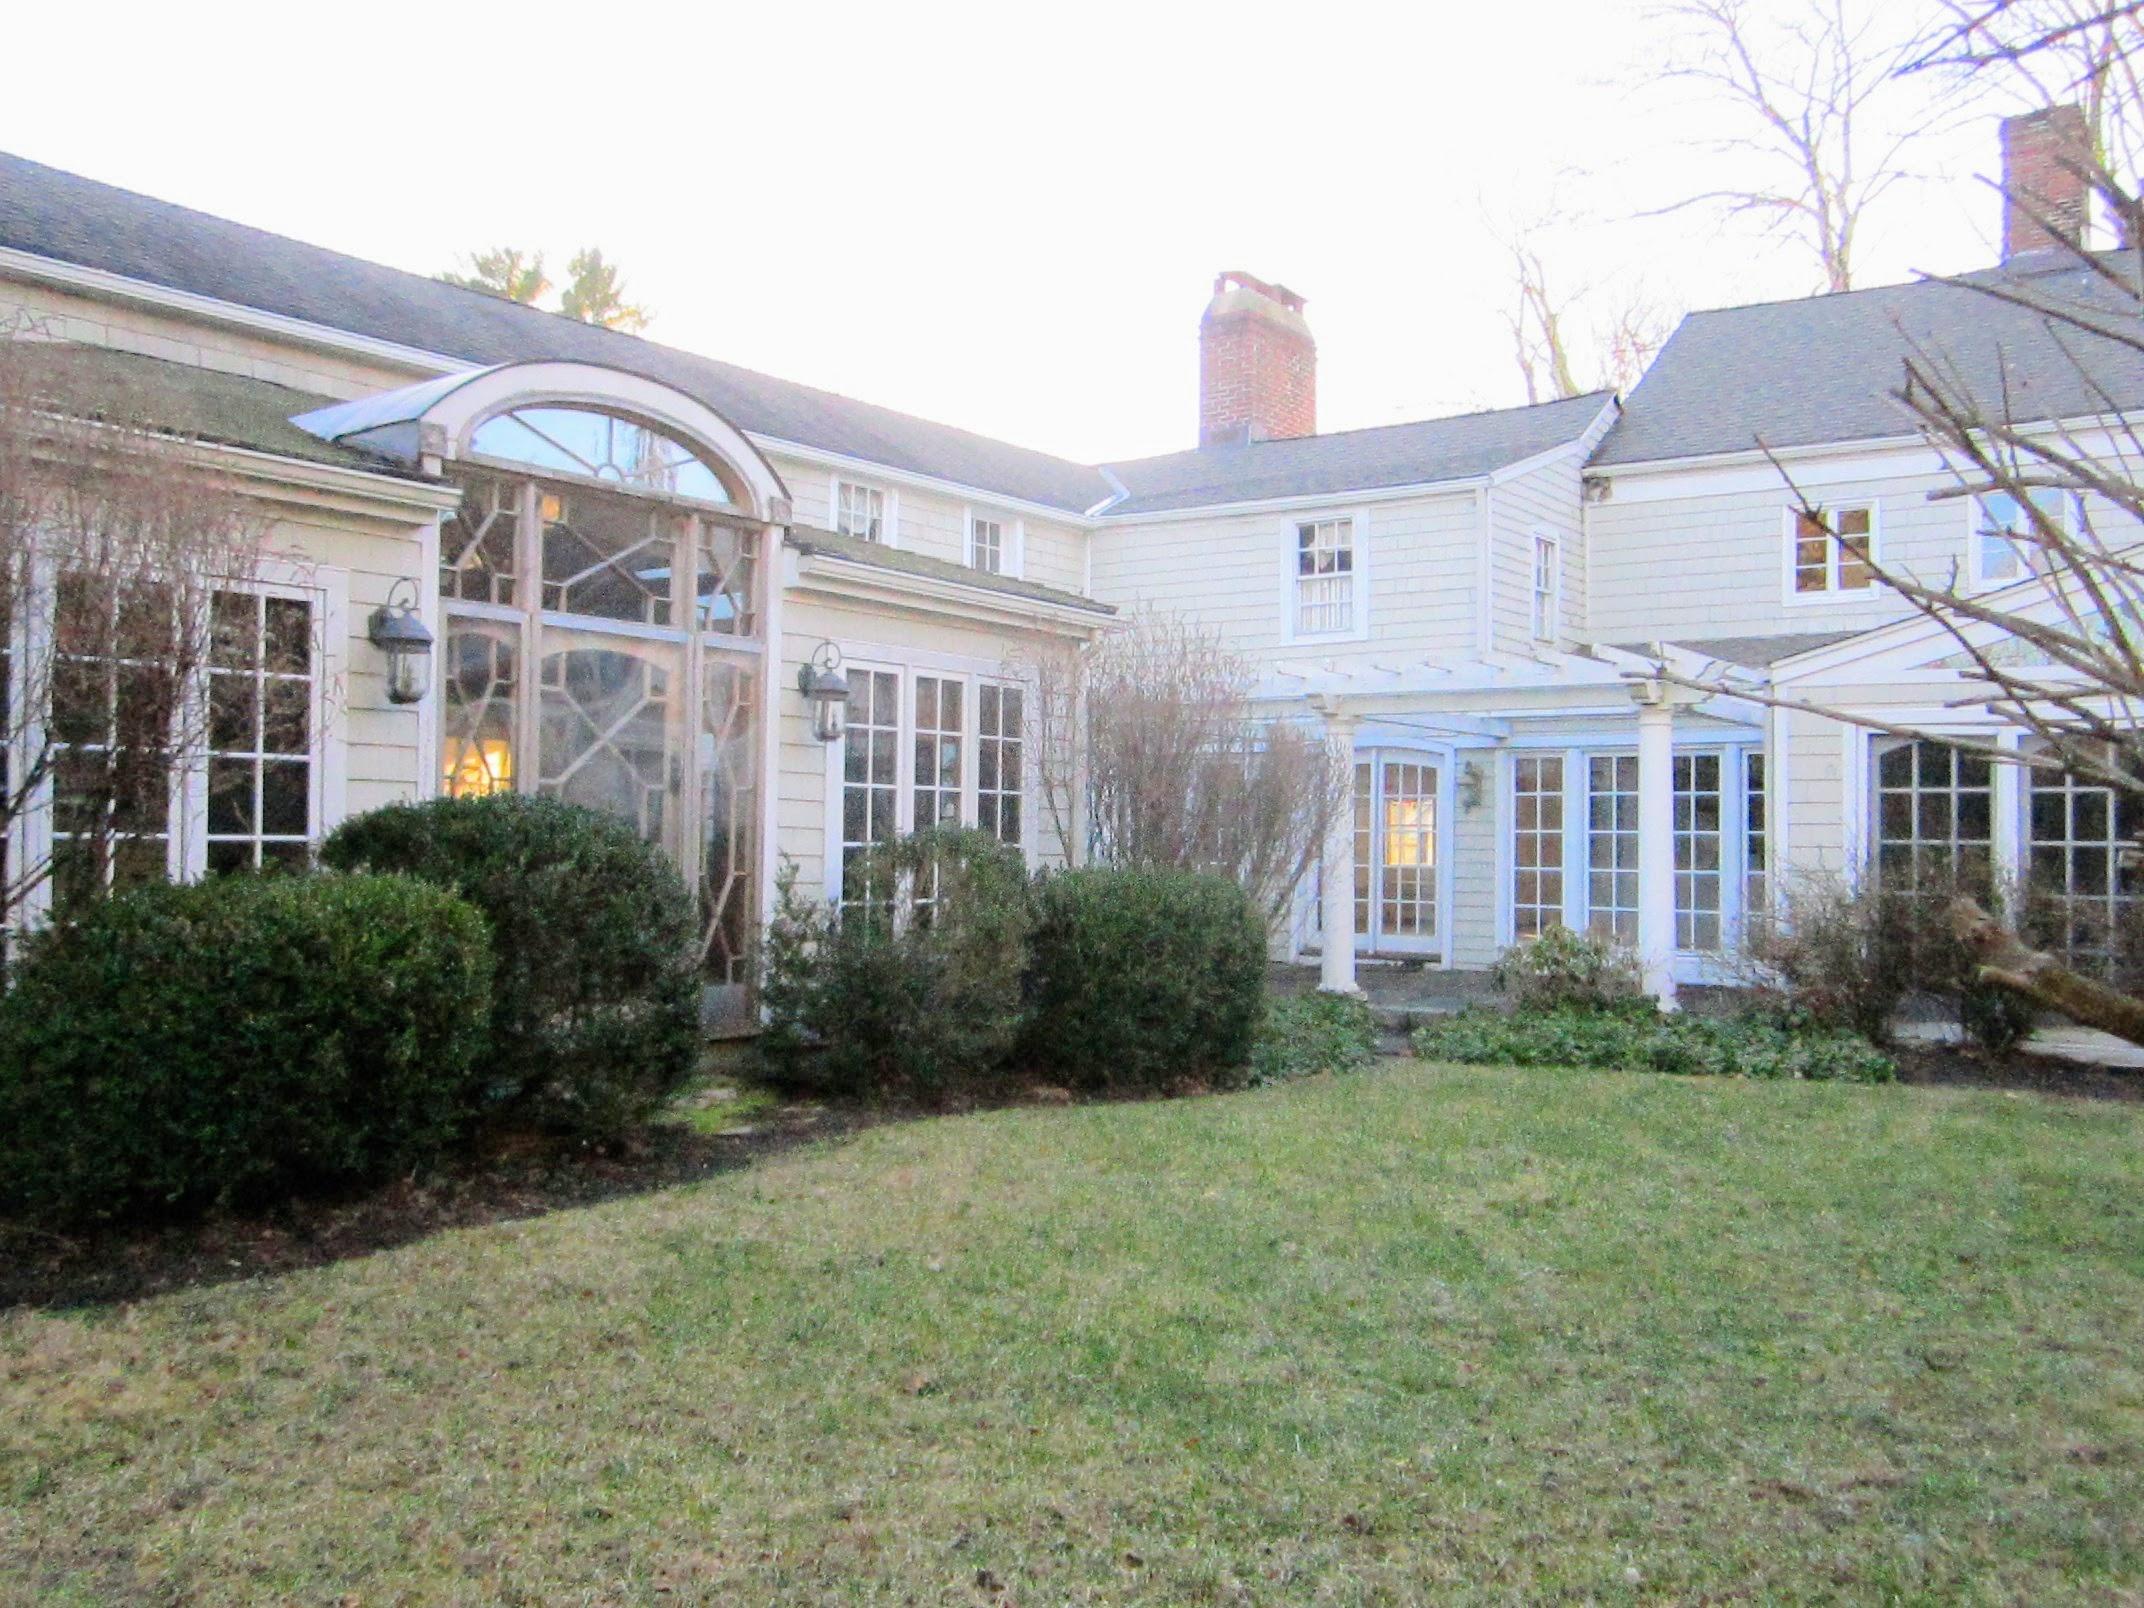 Maison unifamiliale pour l Vente à The Northrup-Scott Homestead 1090 Ridgefield Road Wilton, Connecticut, 06897 États-Unis